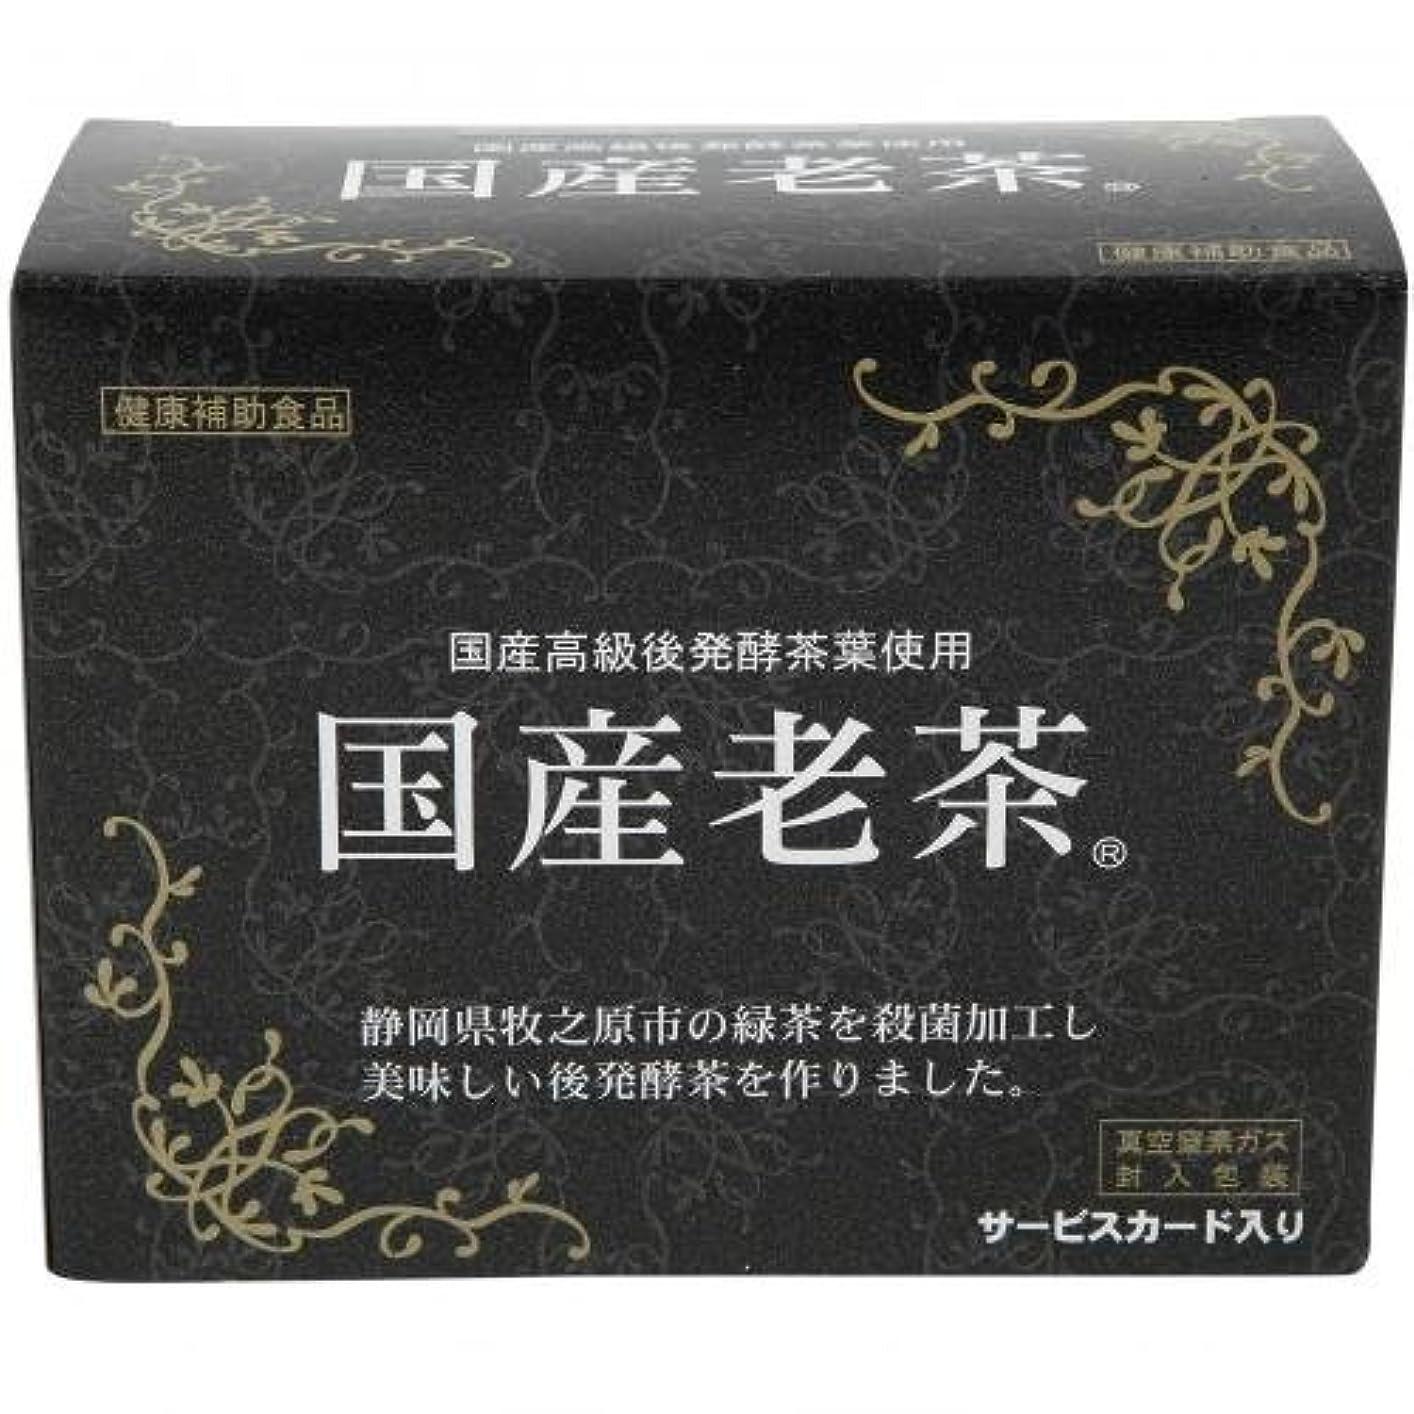 三ミンチみなす共栄 国産老茶 24包